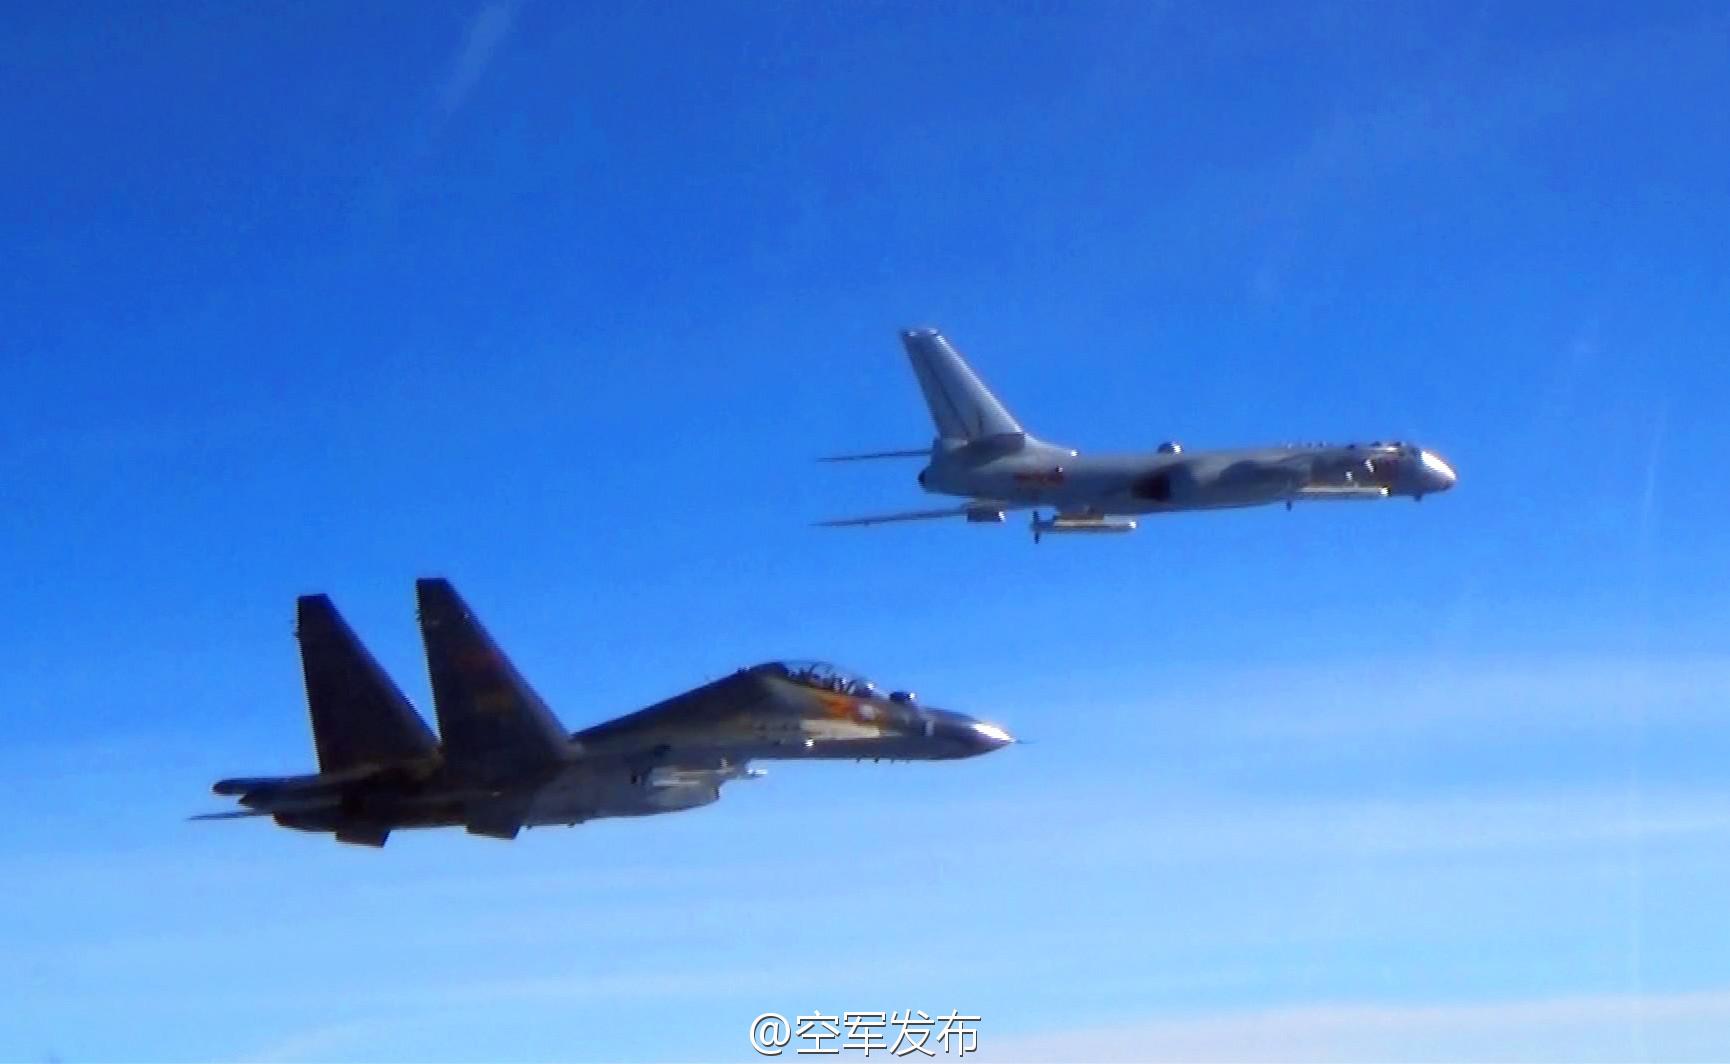 中国空军轰-6K、苏-30战机赴西太平洋远海训练 - 春华秋实 - 春华秋实 开心快乐每一天